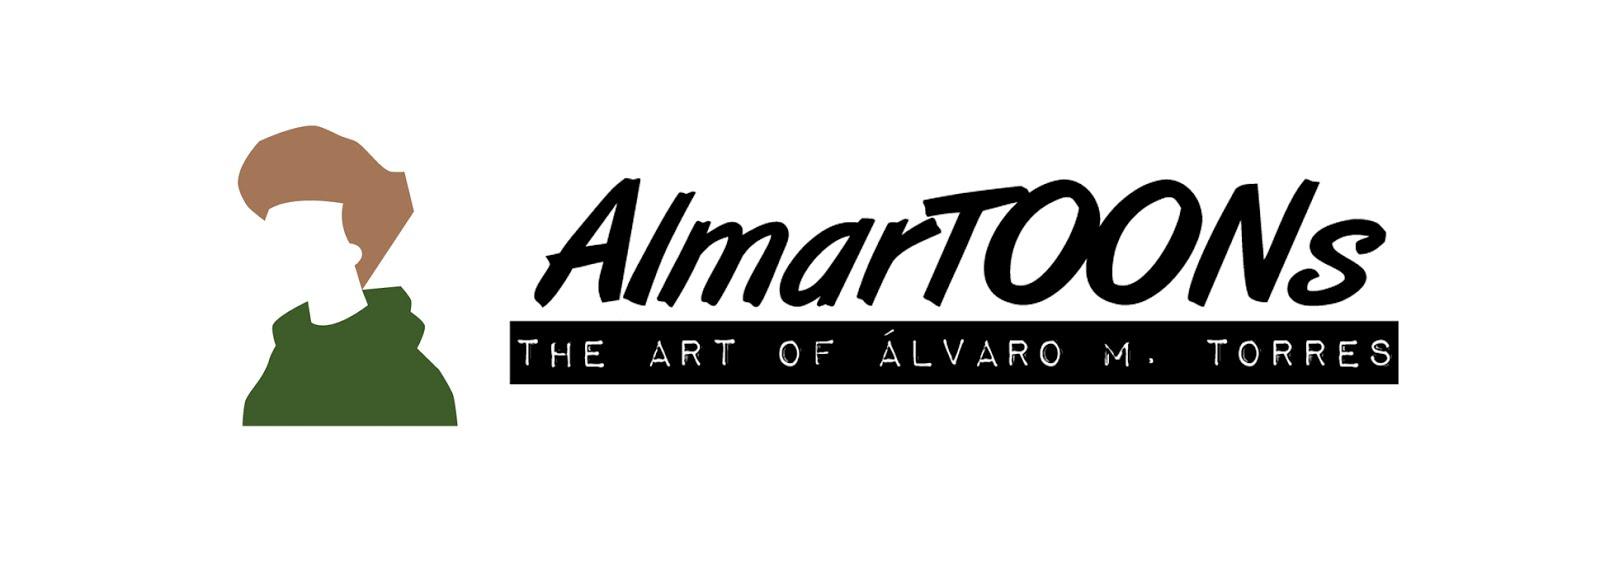 AlmarTOONs